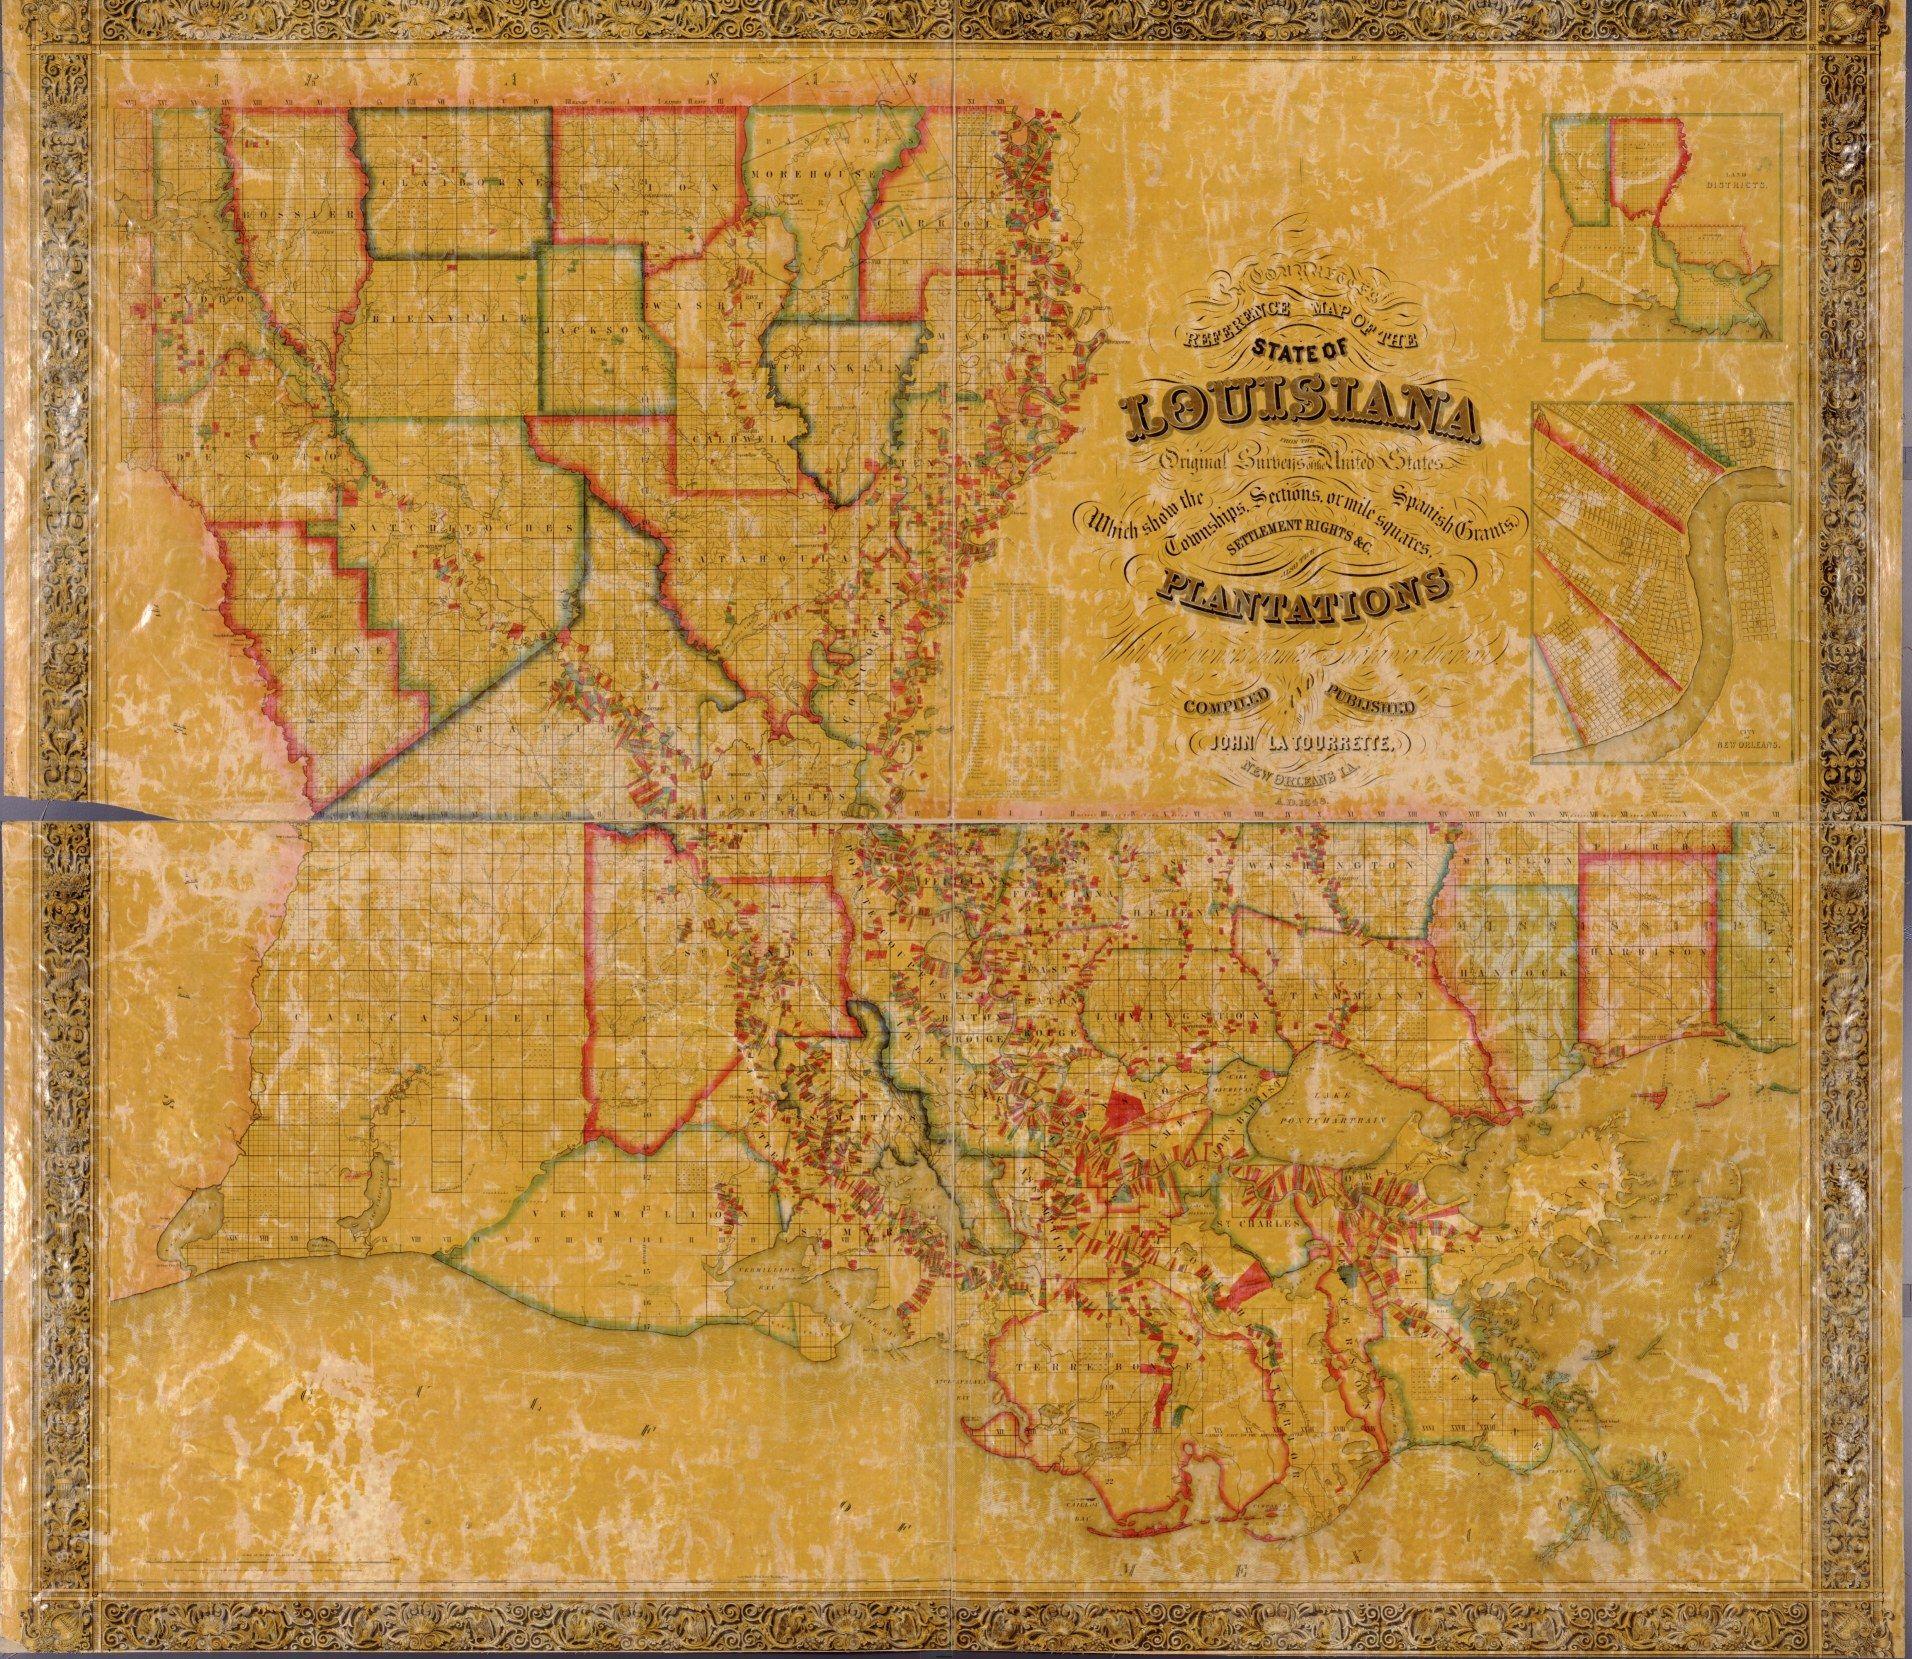 Map Of Louisiana Plantation Homes.Louisiana Plantation Map 1848 House Of History Llc Family